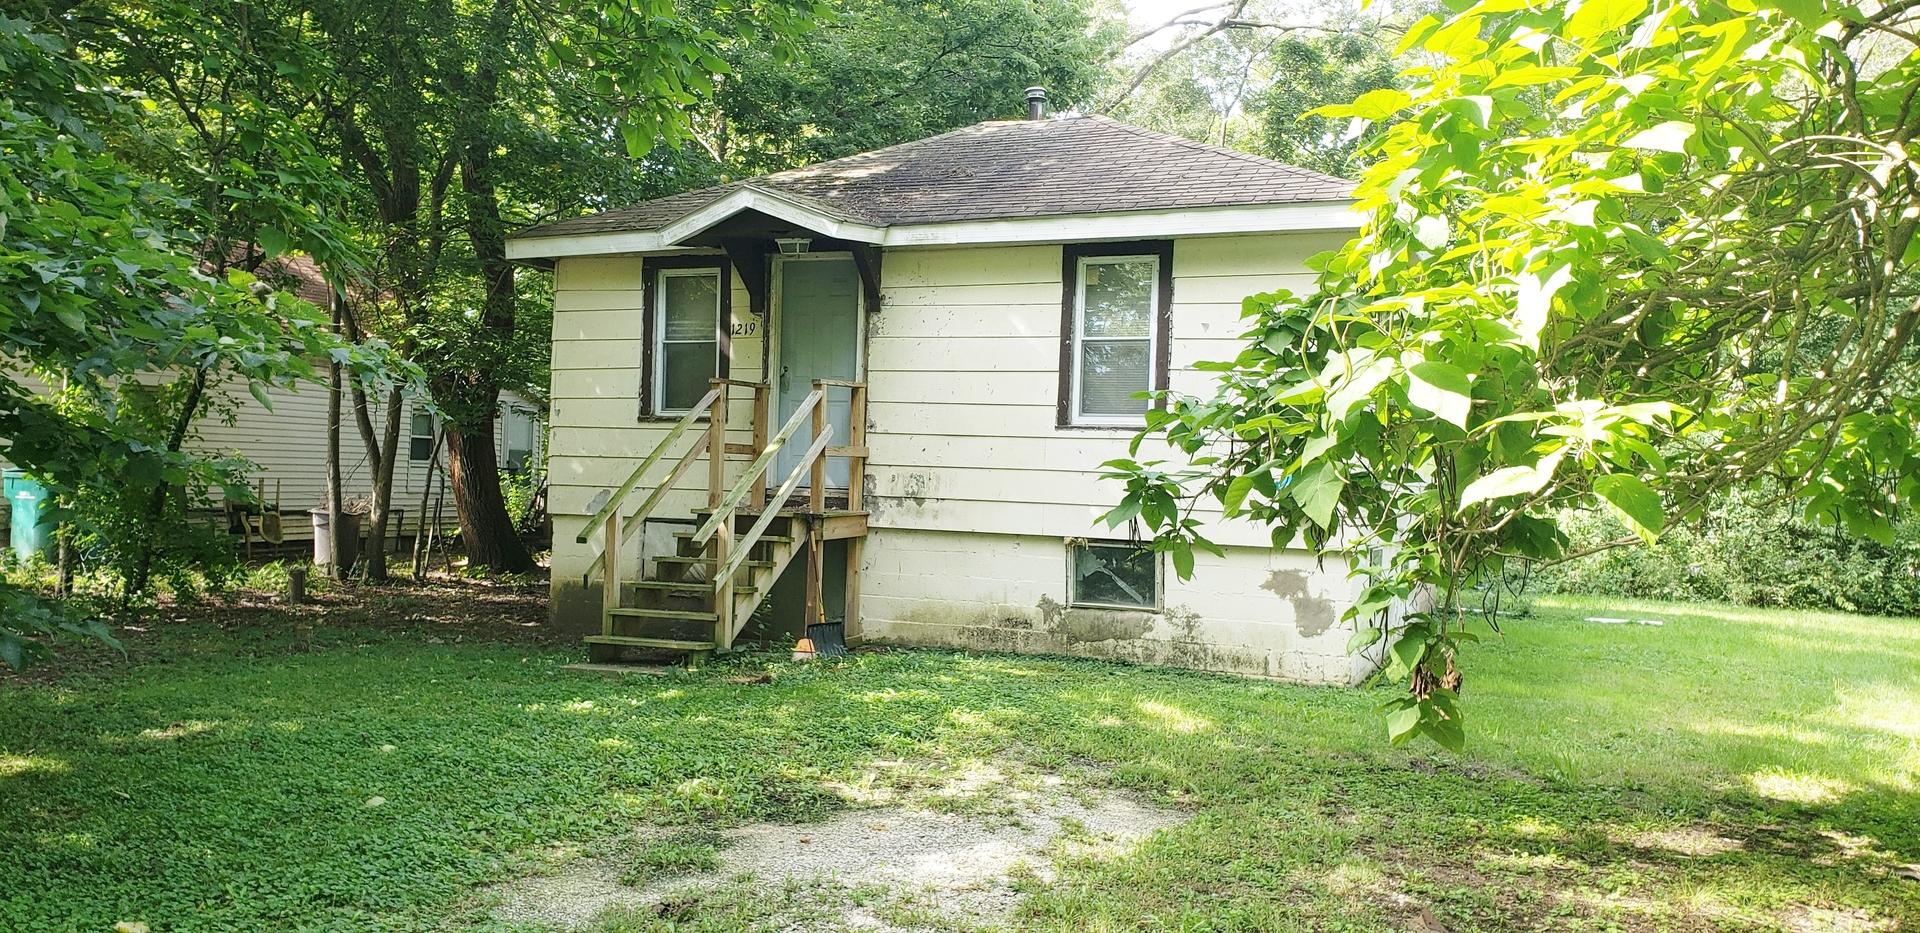 1219 Chippewa, Joliet, Illinois, 60433